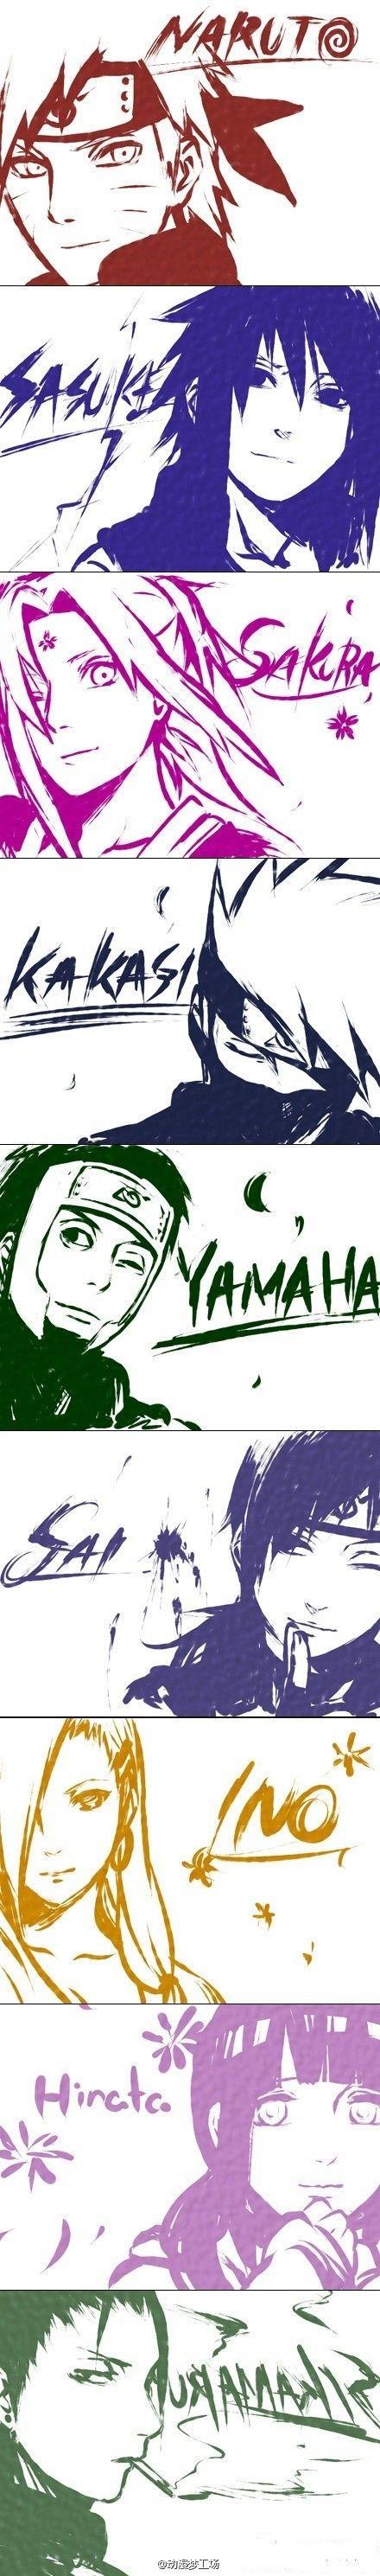 Naruto, Sasuke, Sakura, Kakashi, Yamato, Sai, Ino, Hinata and Shikamaru